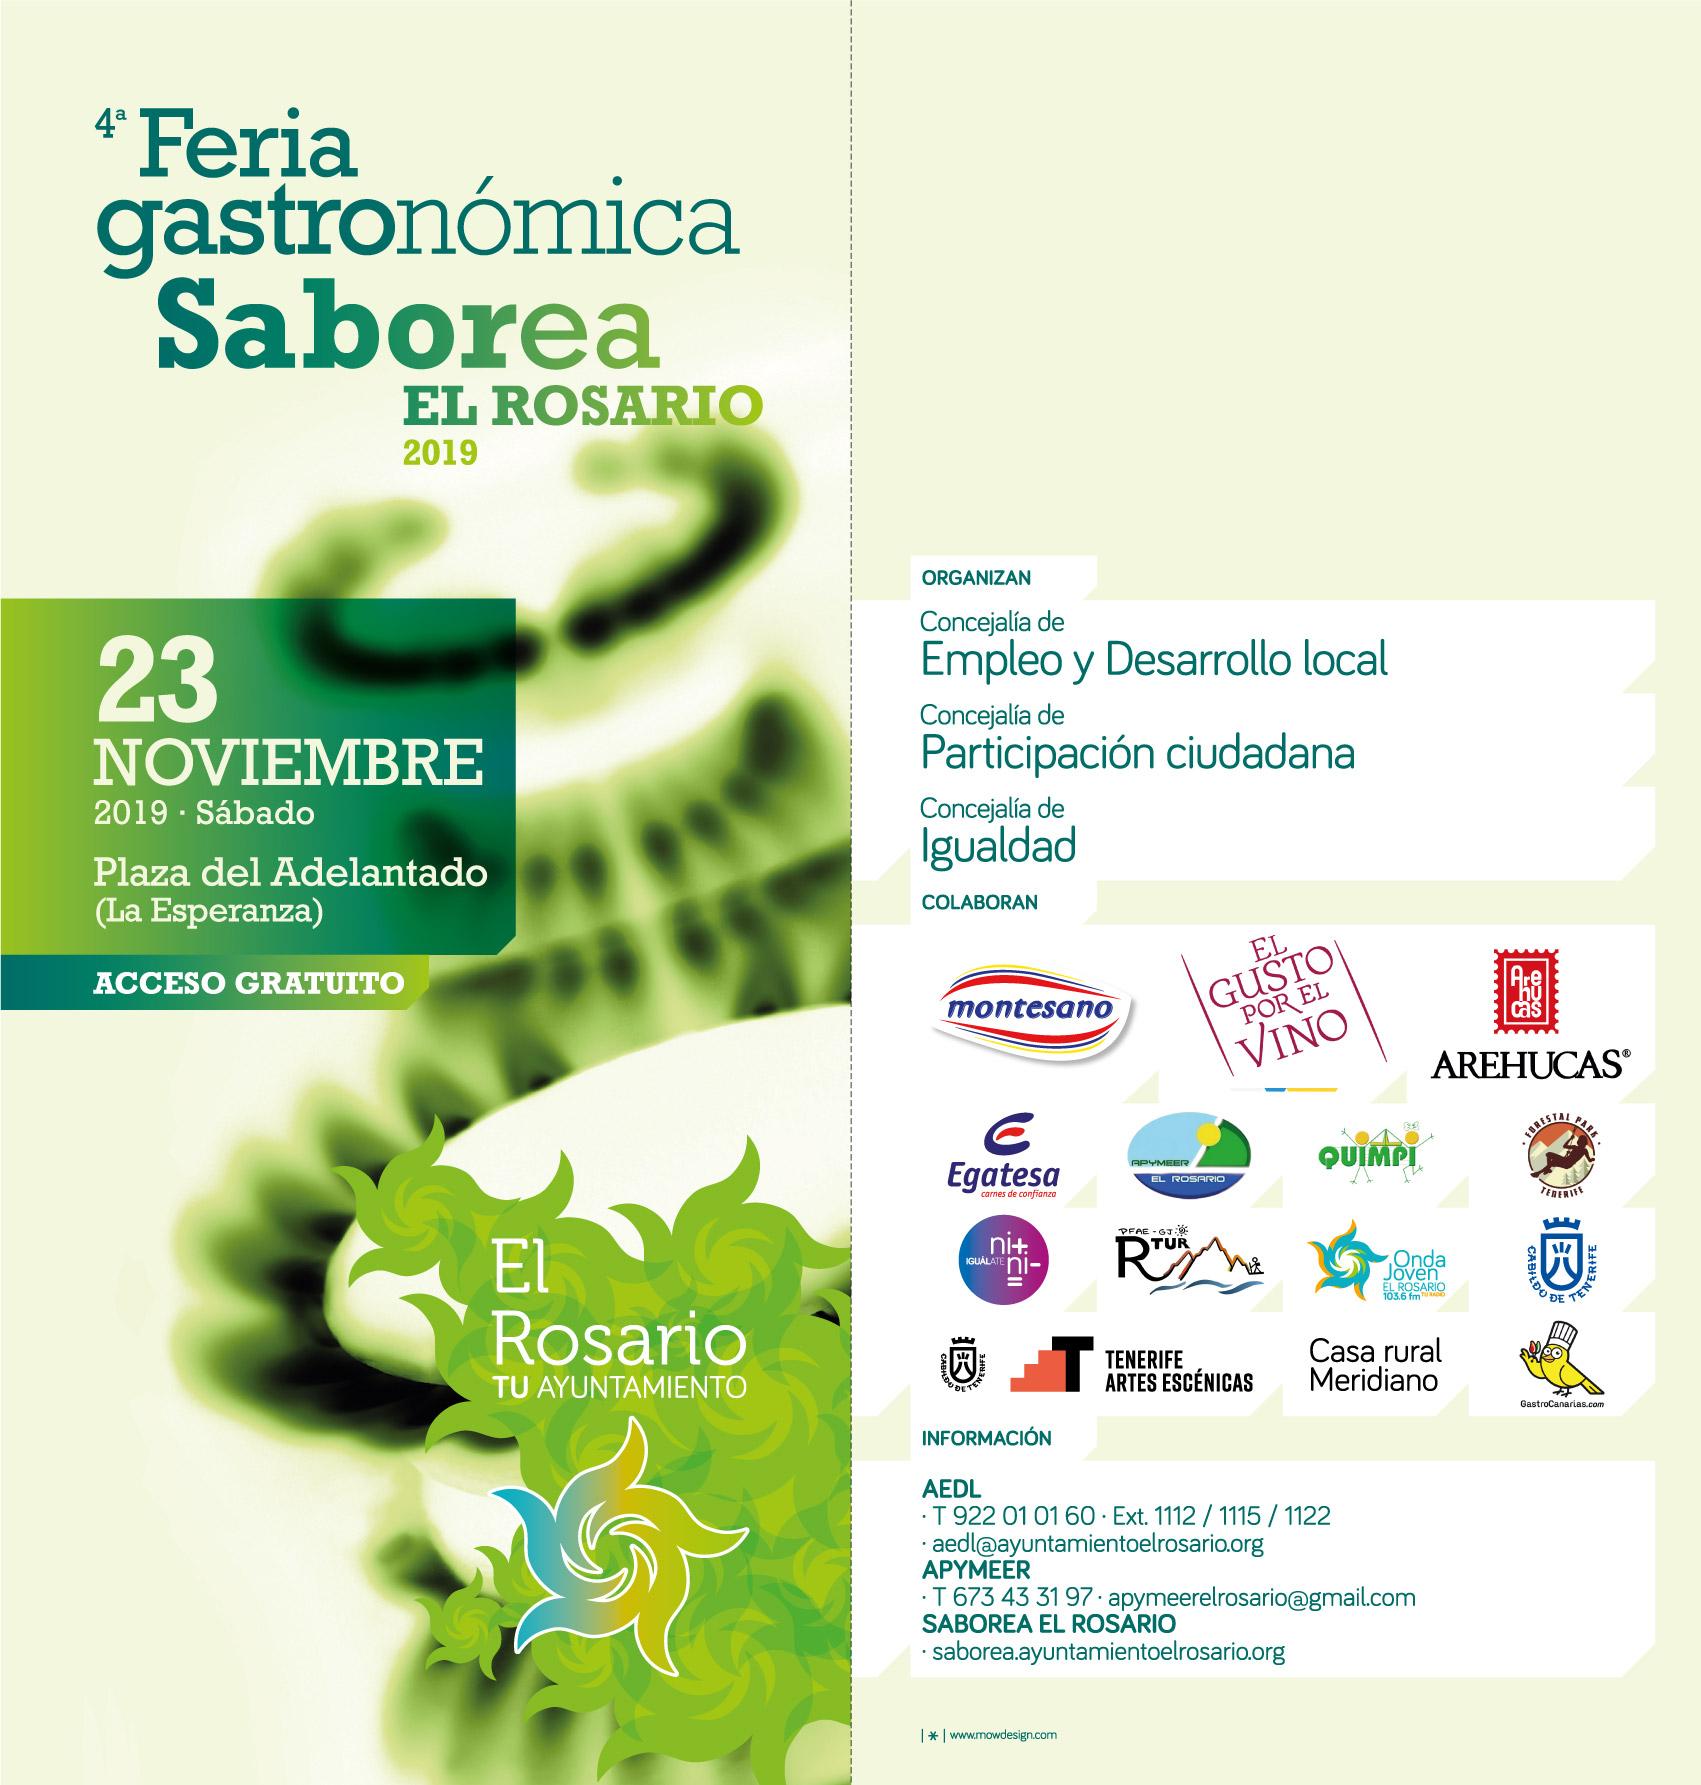 SABOREA_EL_ROSARIO-FERIA_GASTRONOMICA-20191123-DIP_EXT-200x210-20191117-01af-redes